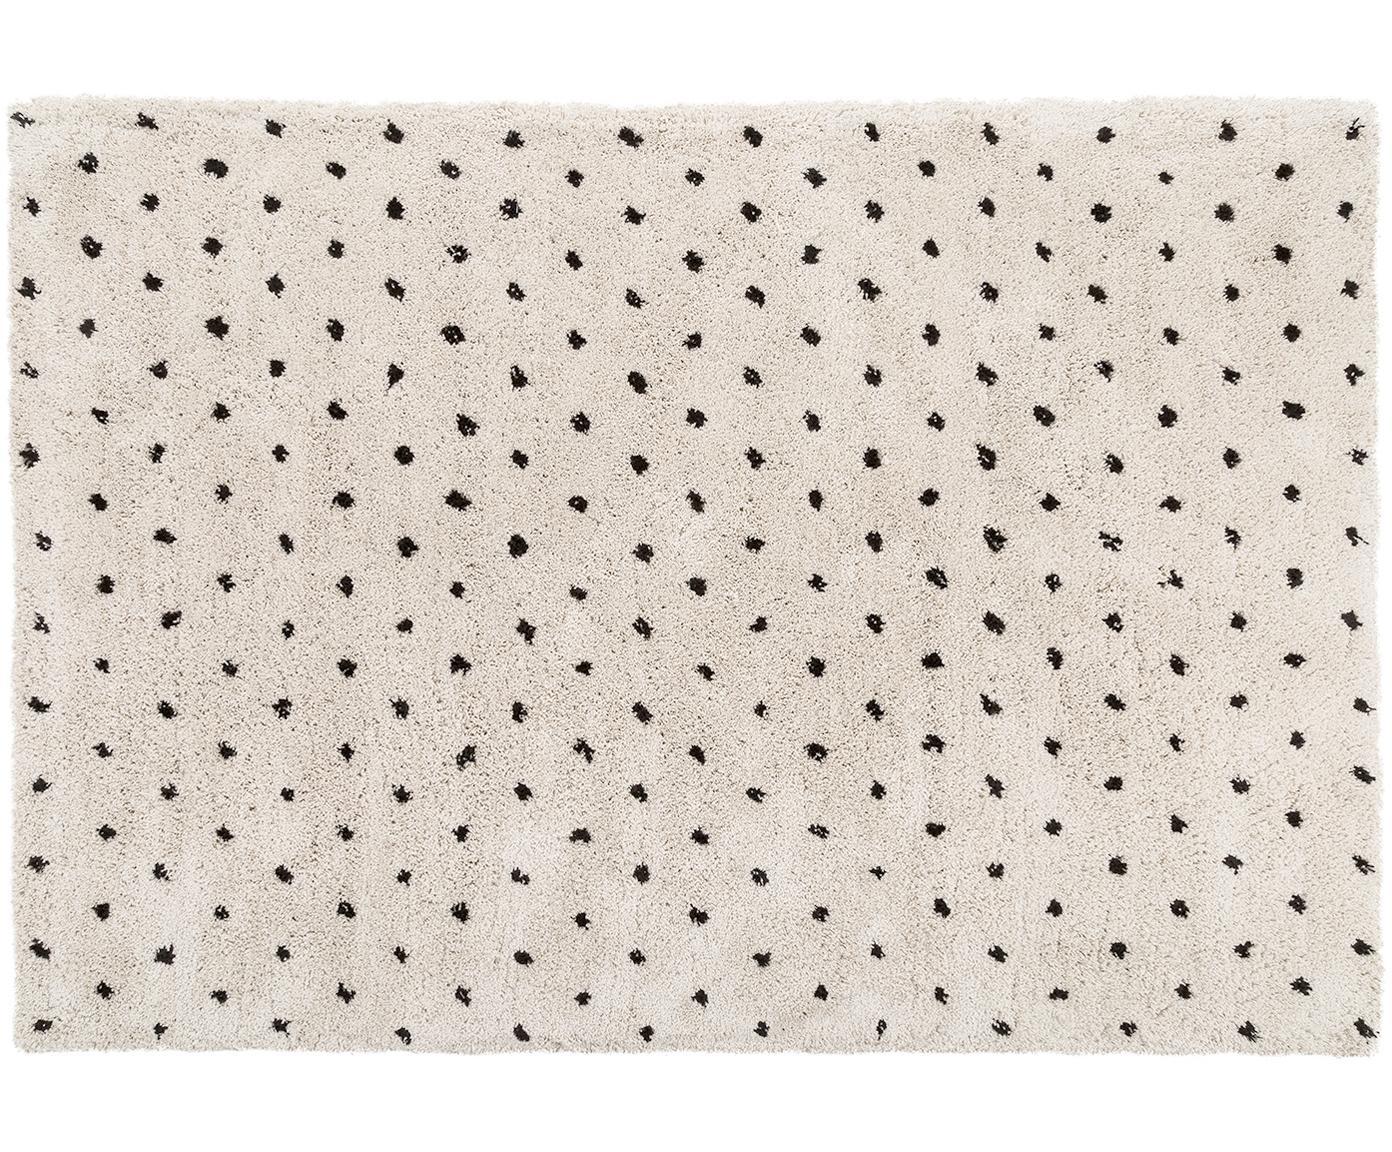 Handgetuft vloerkleed Ayana, Bovenzijde: 100% polyester, Onderzijde: 100% katoen, Beige, zwart, 160 x 230 cm